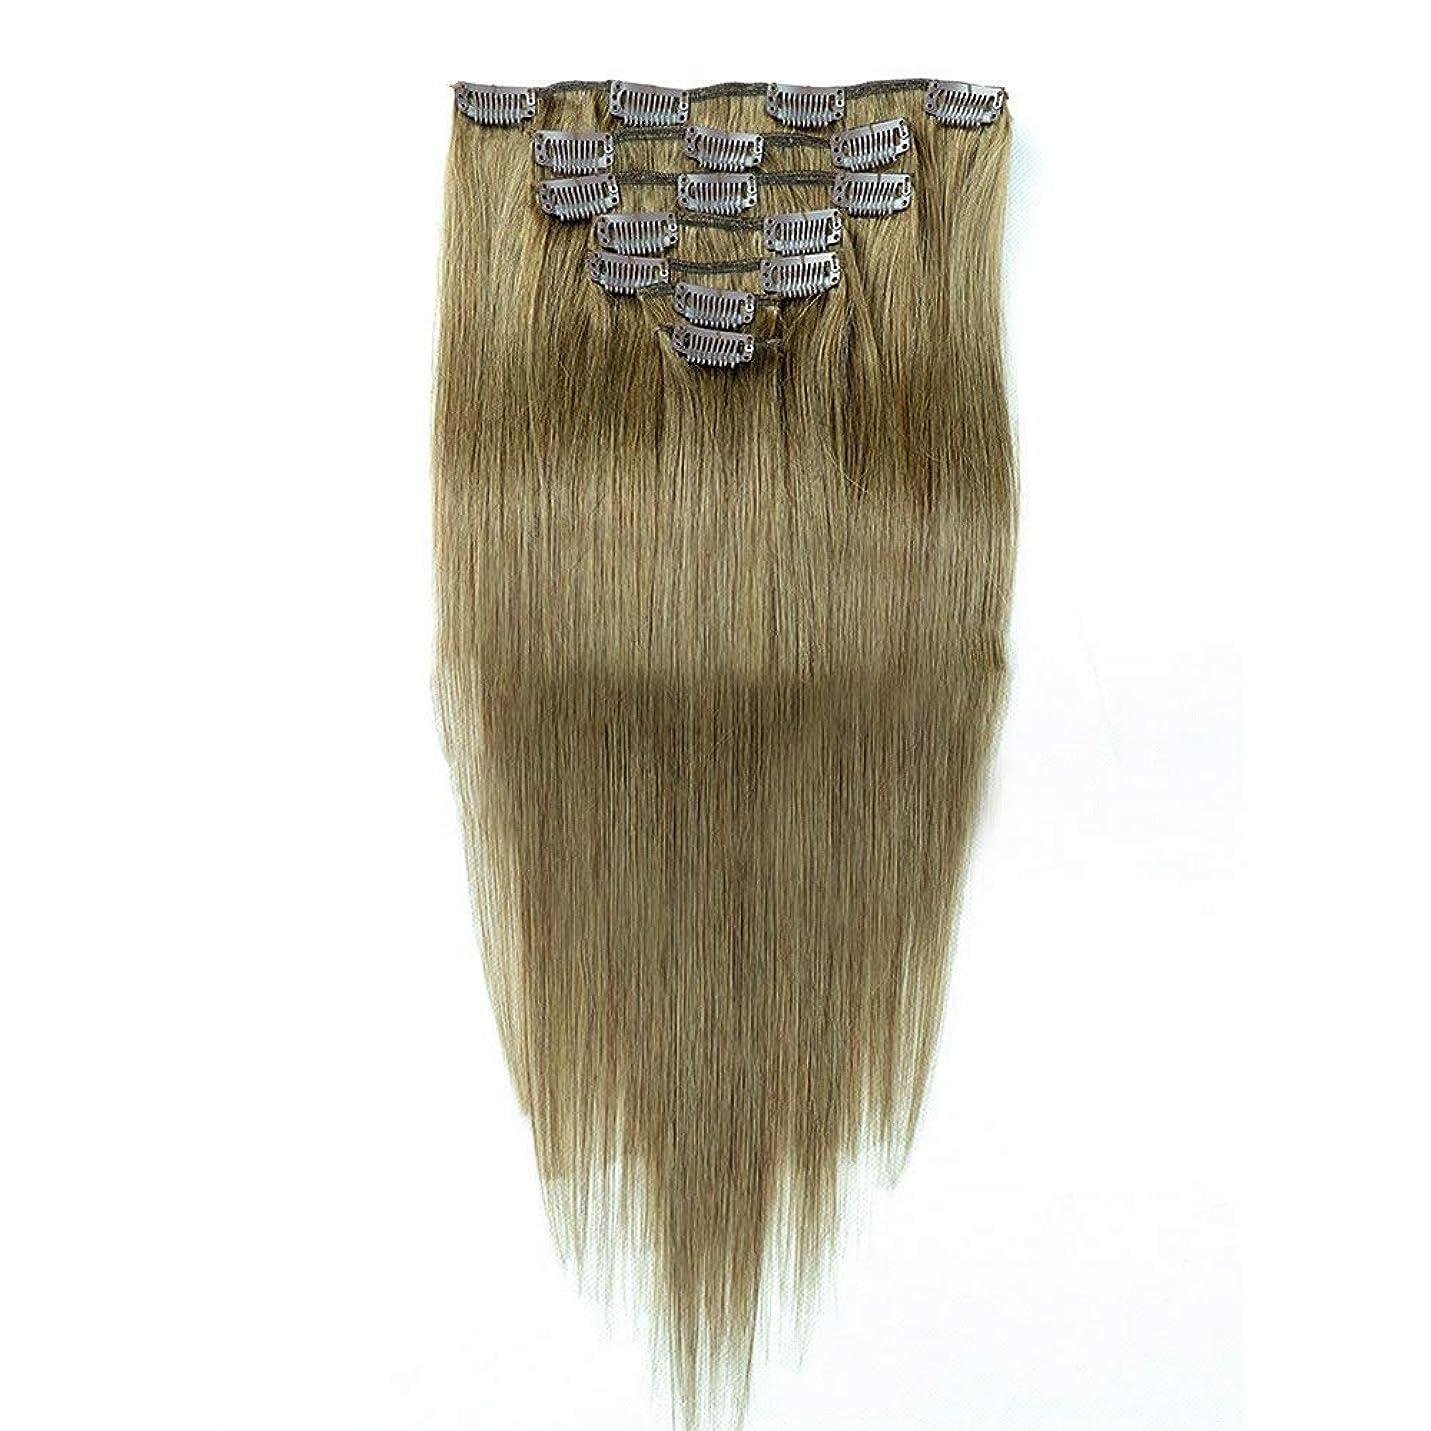 ヶ月目眠るネーピアBOBIDYEE 自然な女性のためのヘアエクステンション20インチリアルヒューマンヘアクリップ(7個、20インチ、70g)ファッションウィッグ (色 : #8)